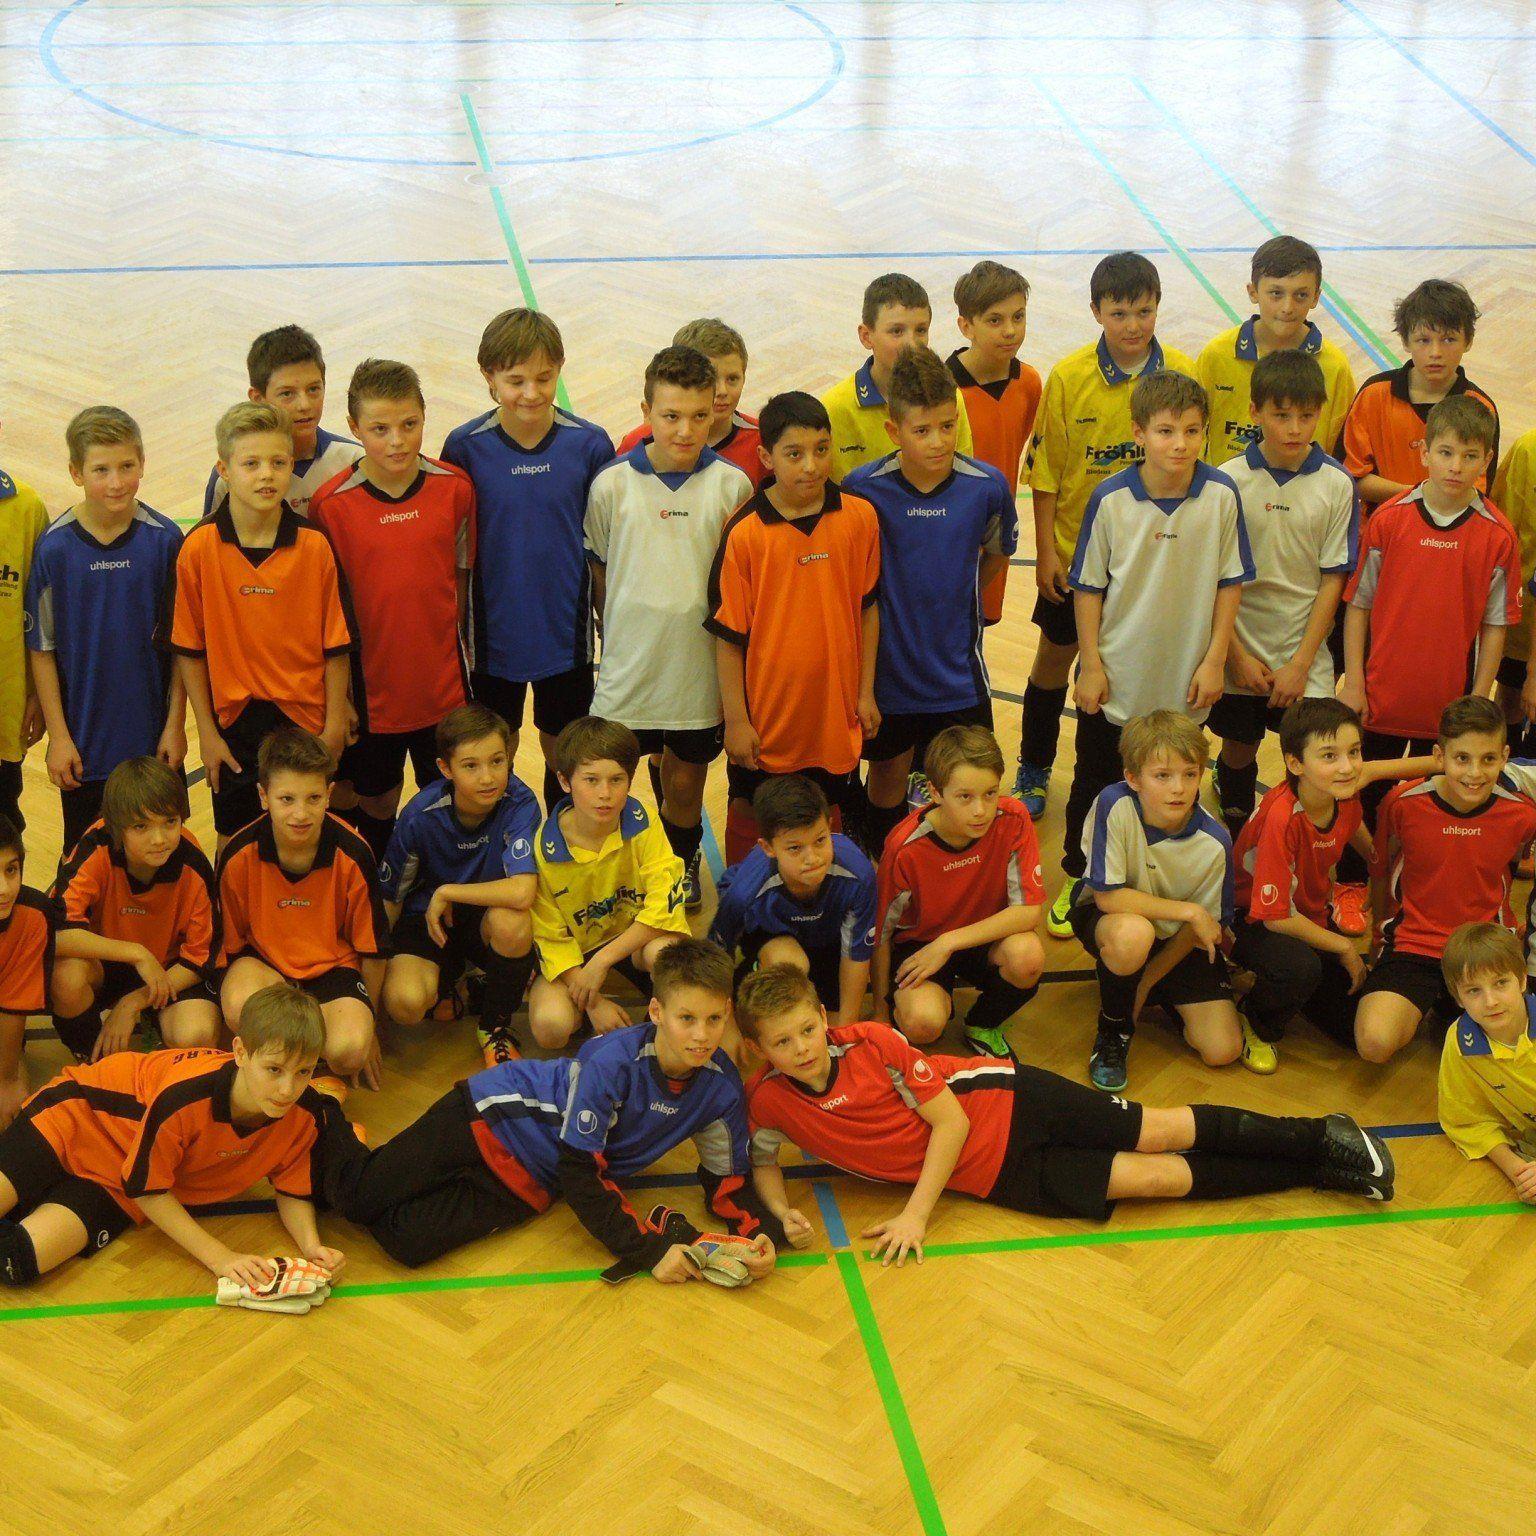 Der Jahrgang 2003 der LAZ Vorstufe Vorarlberg zeigte beim Futsal Turnier in Feldkirch sein Können.